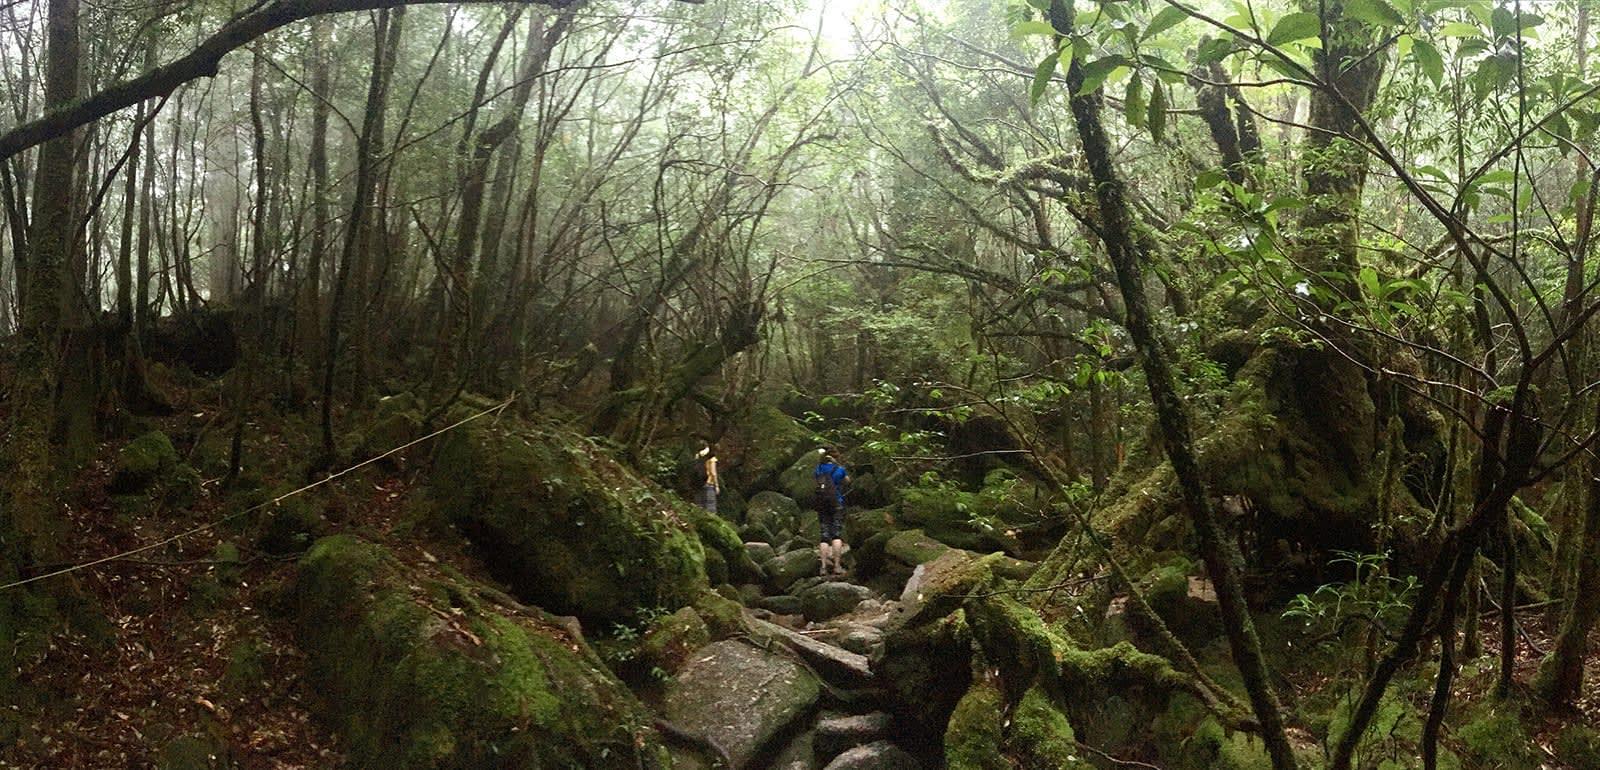 du lịch yakushima - khám phá rừng theo cách riêng của bạn